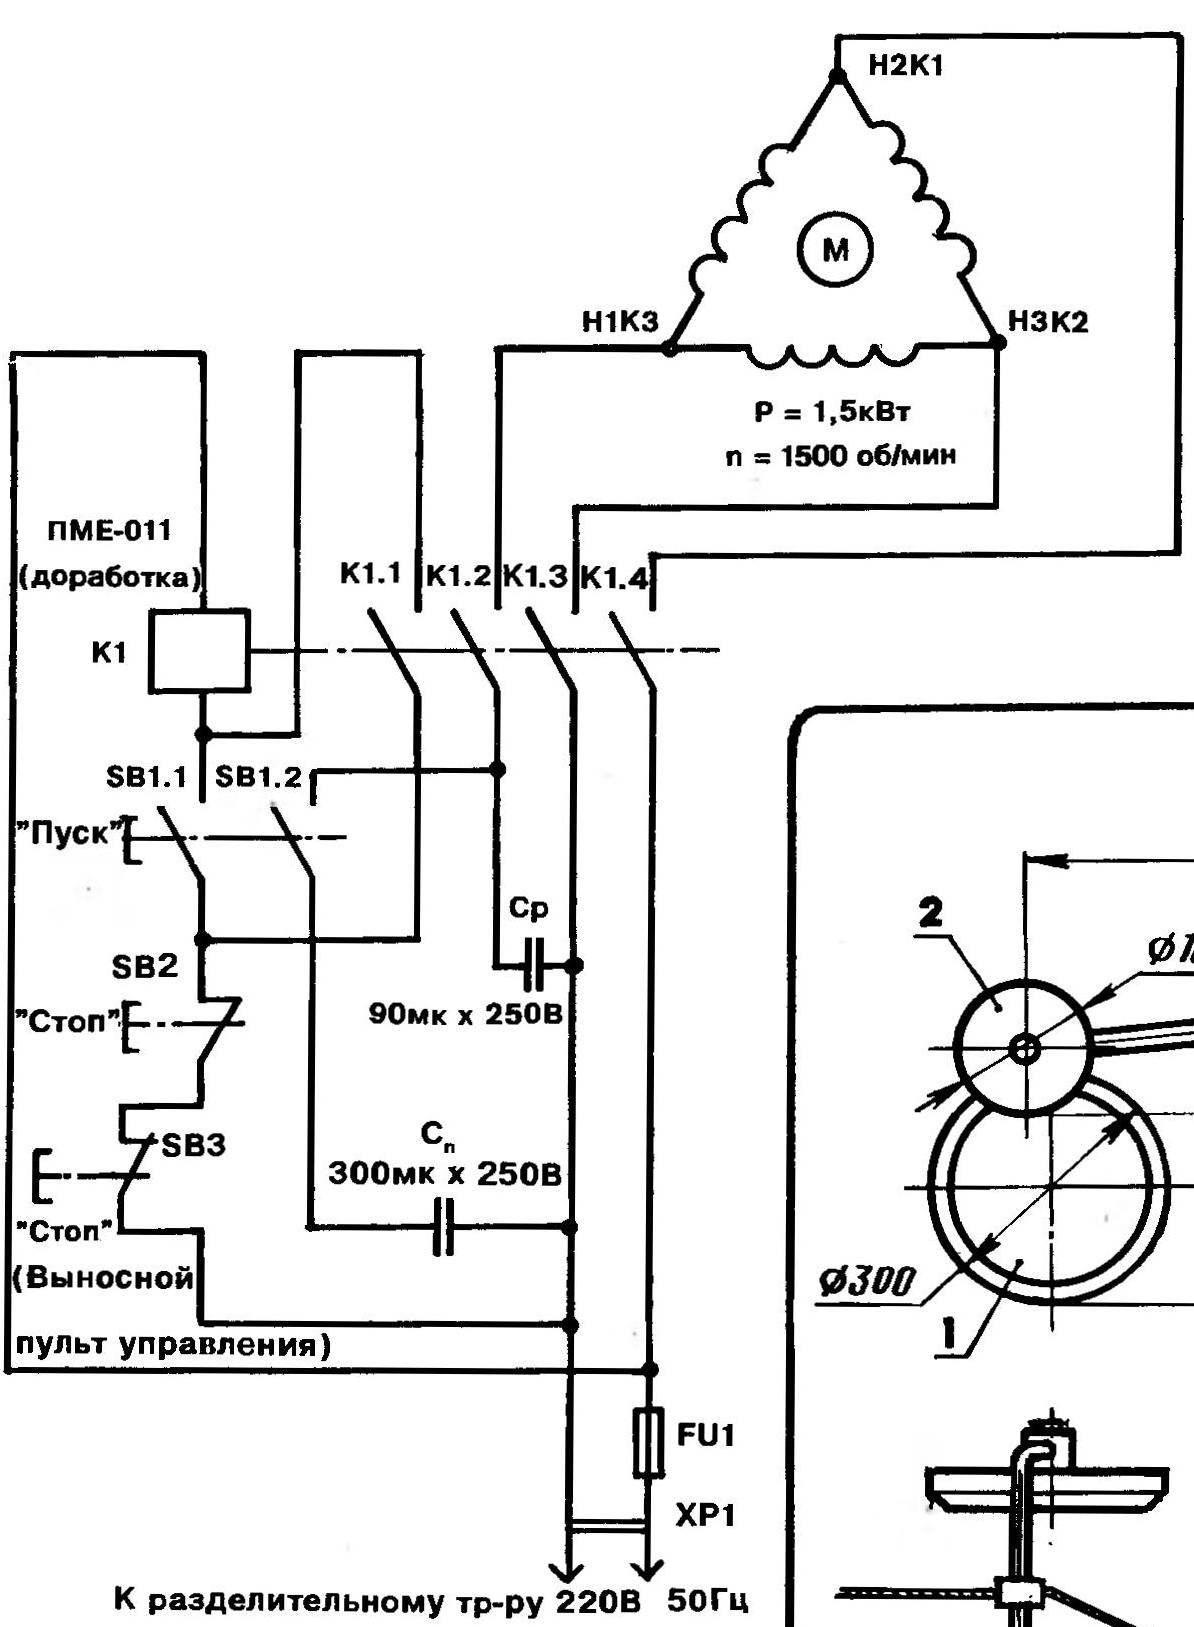 Принципиальная электрическая схема подключения трехфазного асинхронного двигателя электролебедки в однофазную сеть